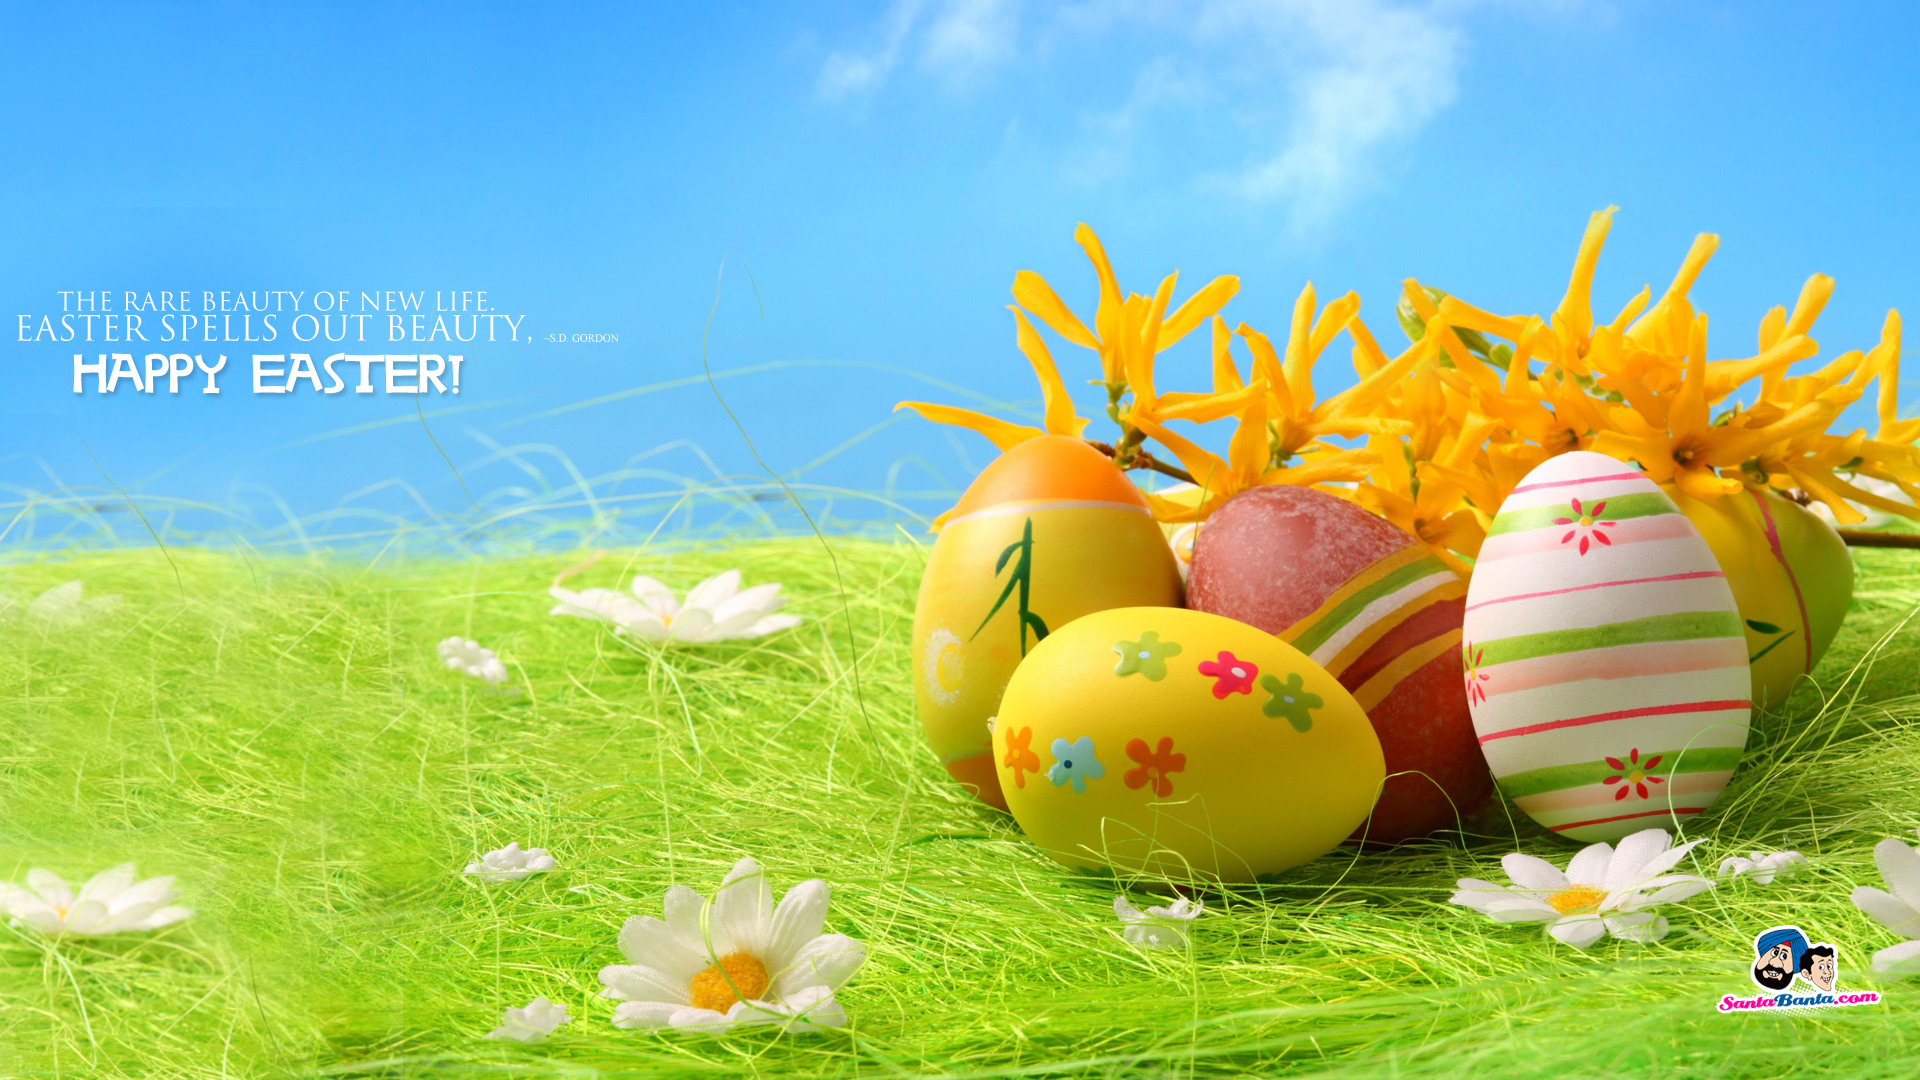 Happy Easter Wallpapers For Desktop 1920x1080